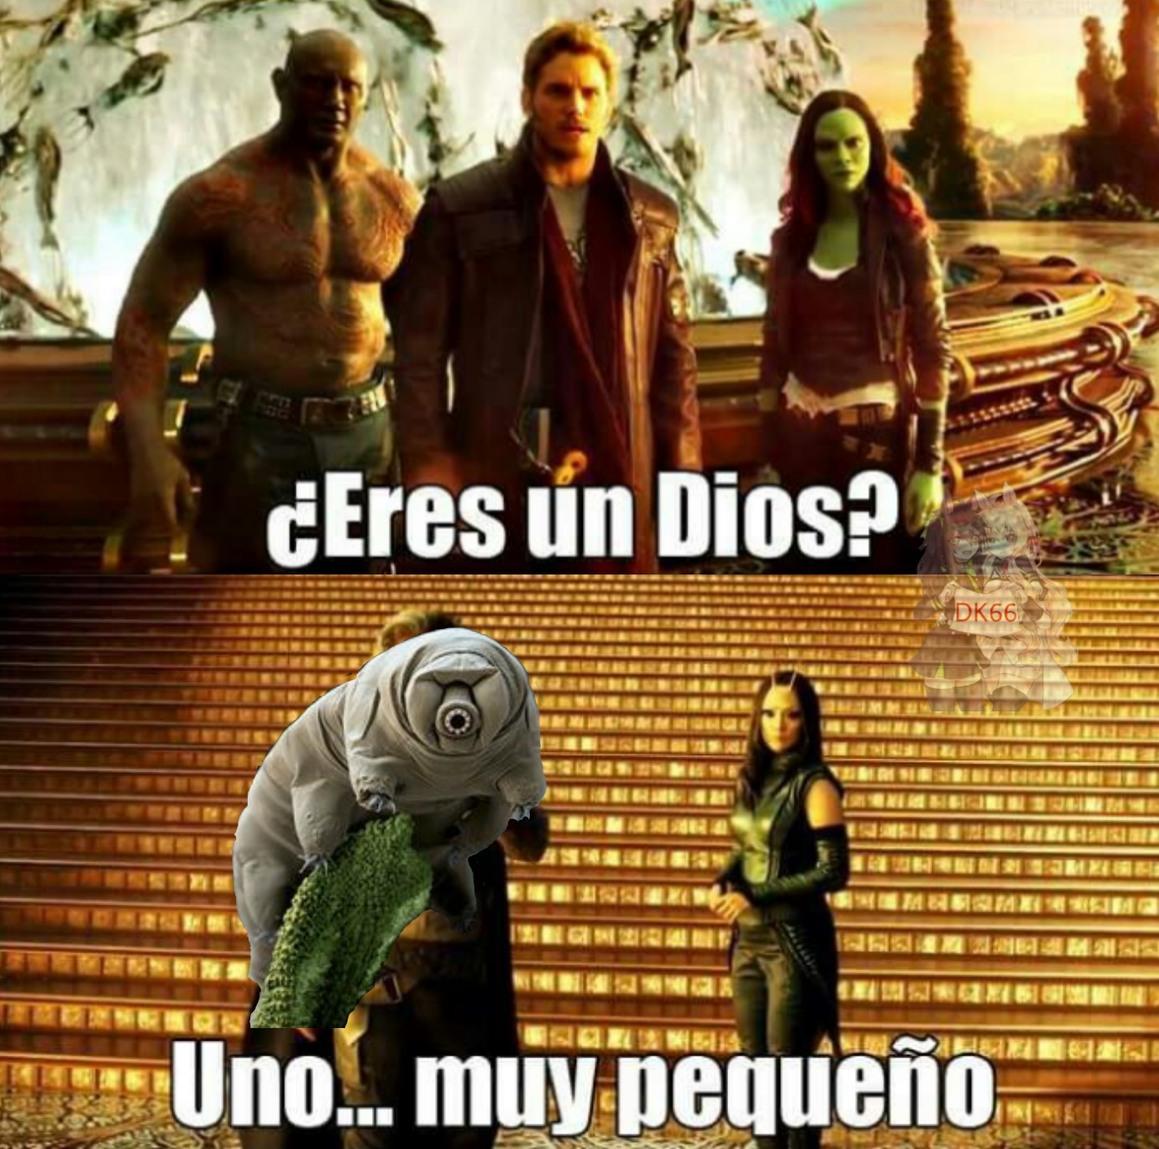 Dios chiquito - meme